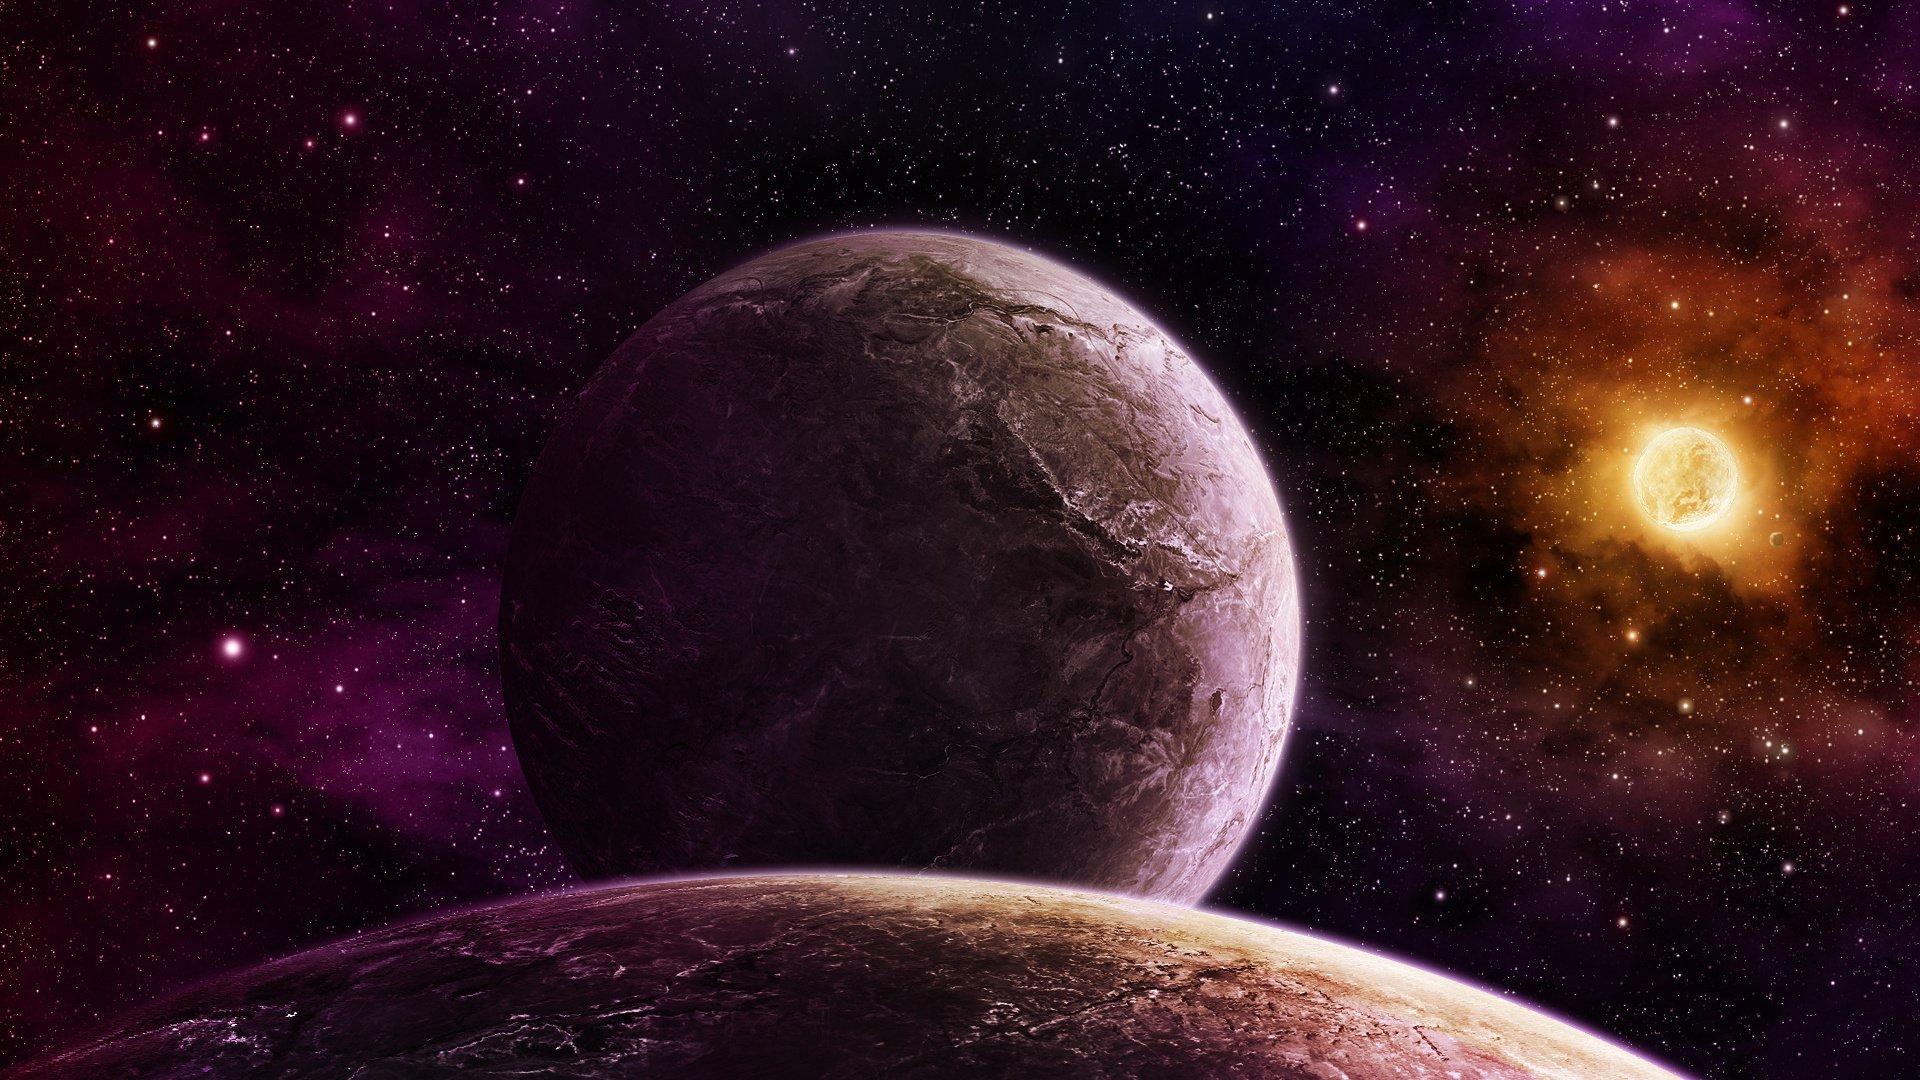 космос все картинки планет галактики что что